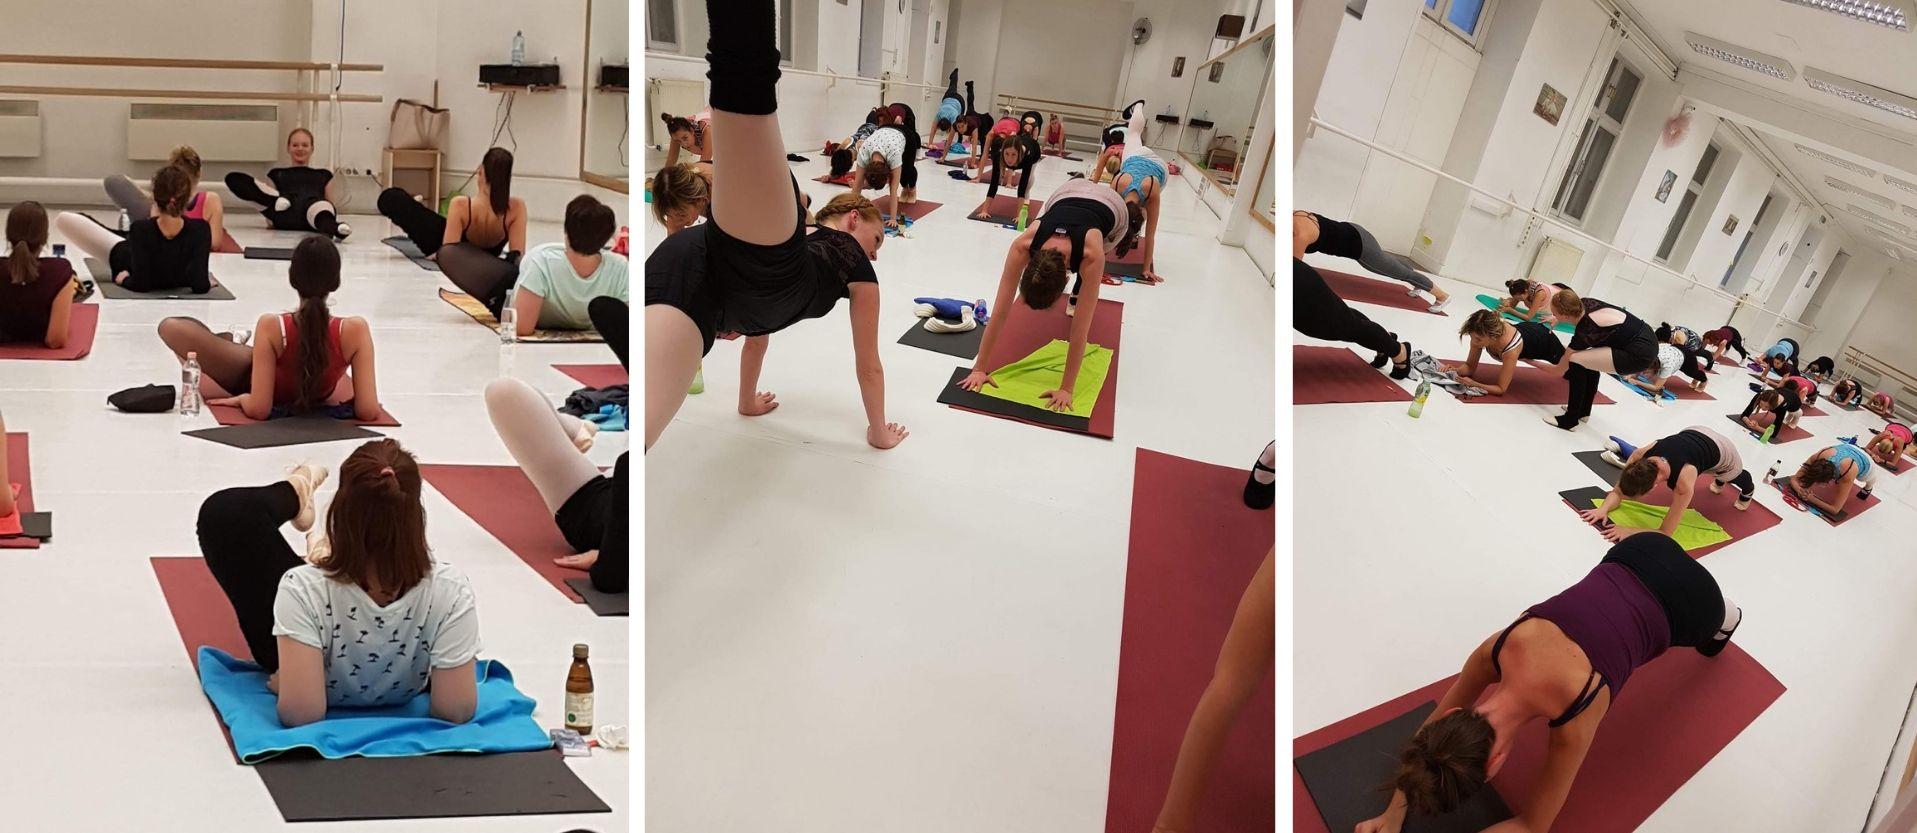 balett_stretching_miami_balett_budapest_1.jpg